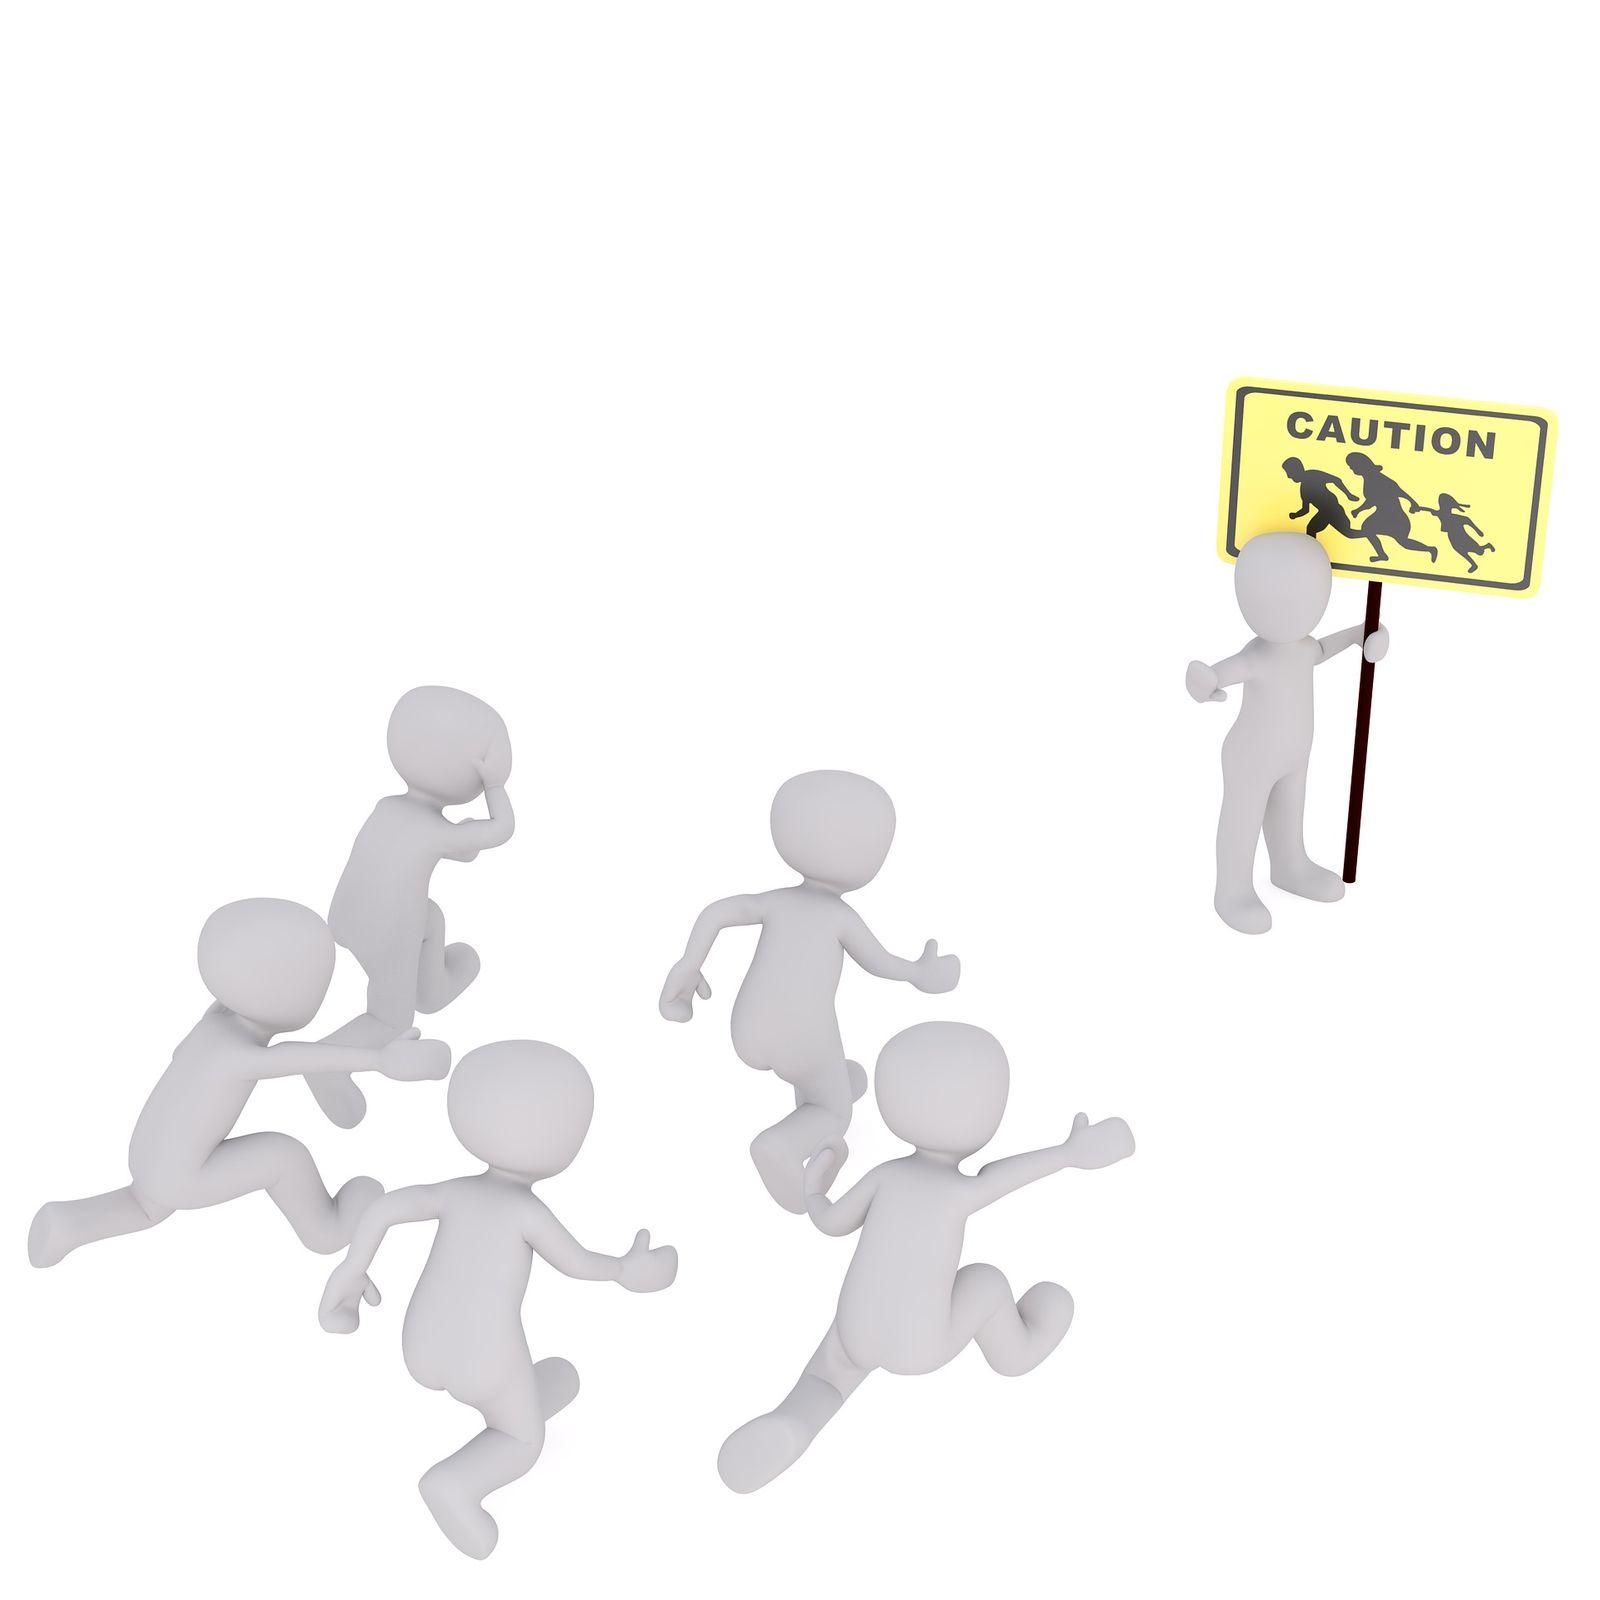 เรียนภาษาเกาหลีกับ Running man และข้อคิดที่ได้